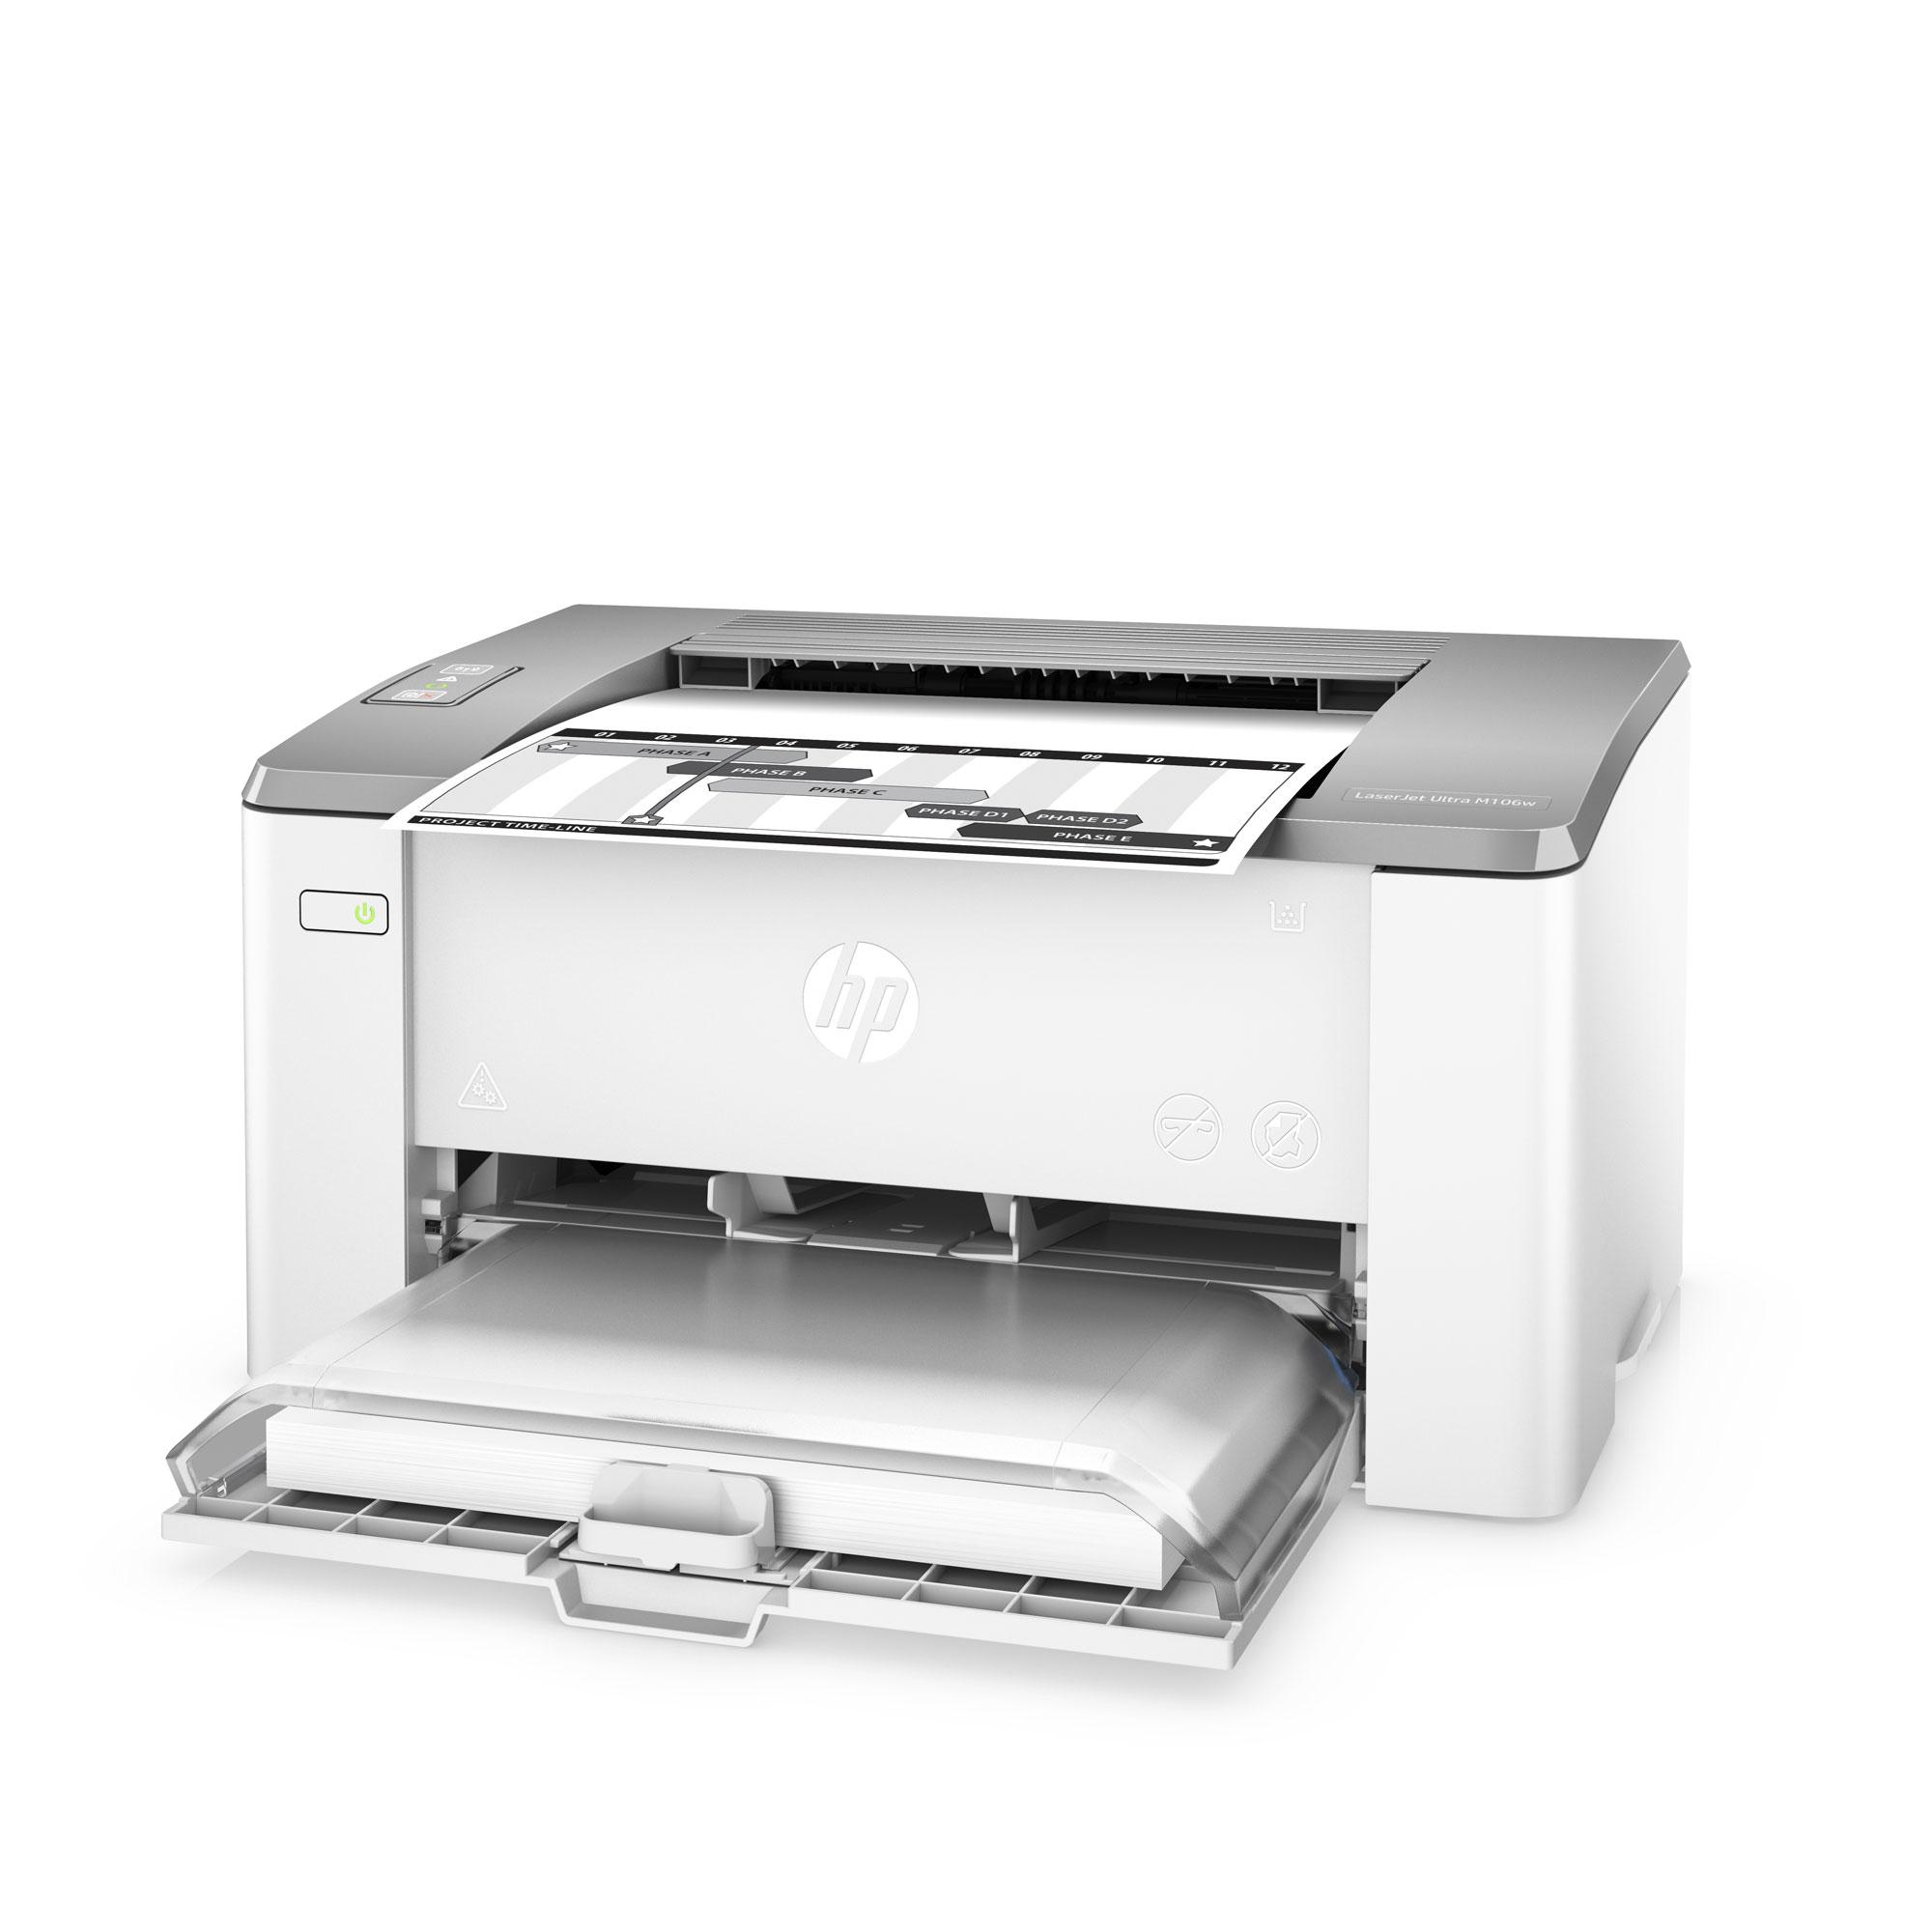 HP stampanti LaserJet Pro